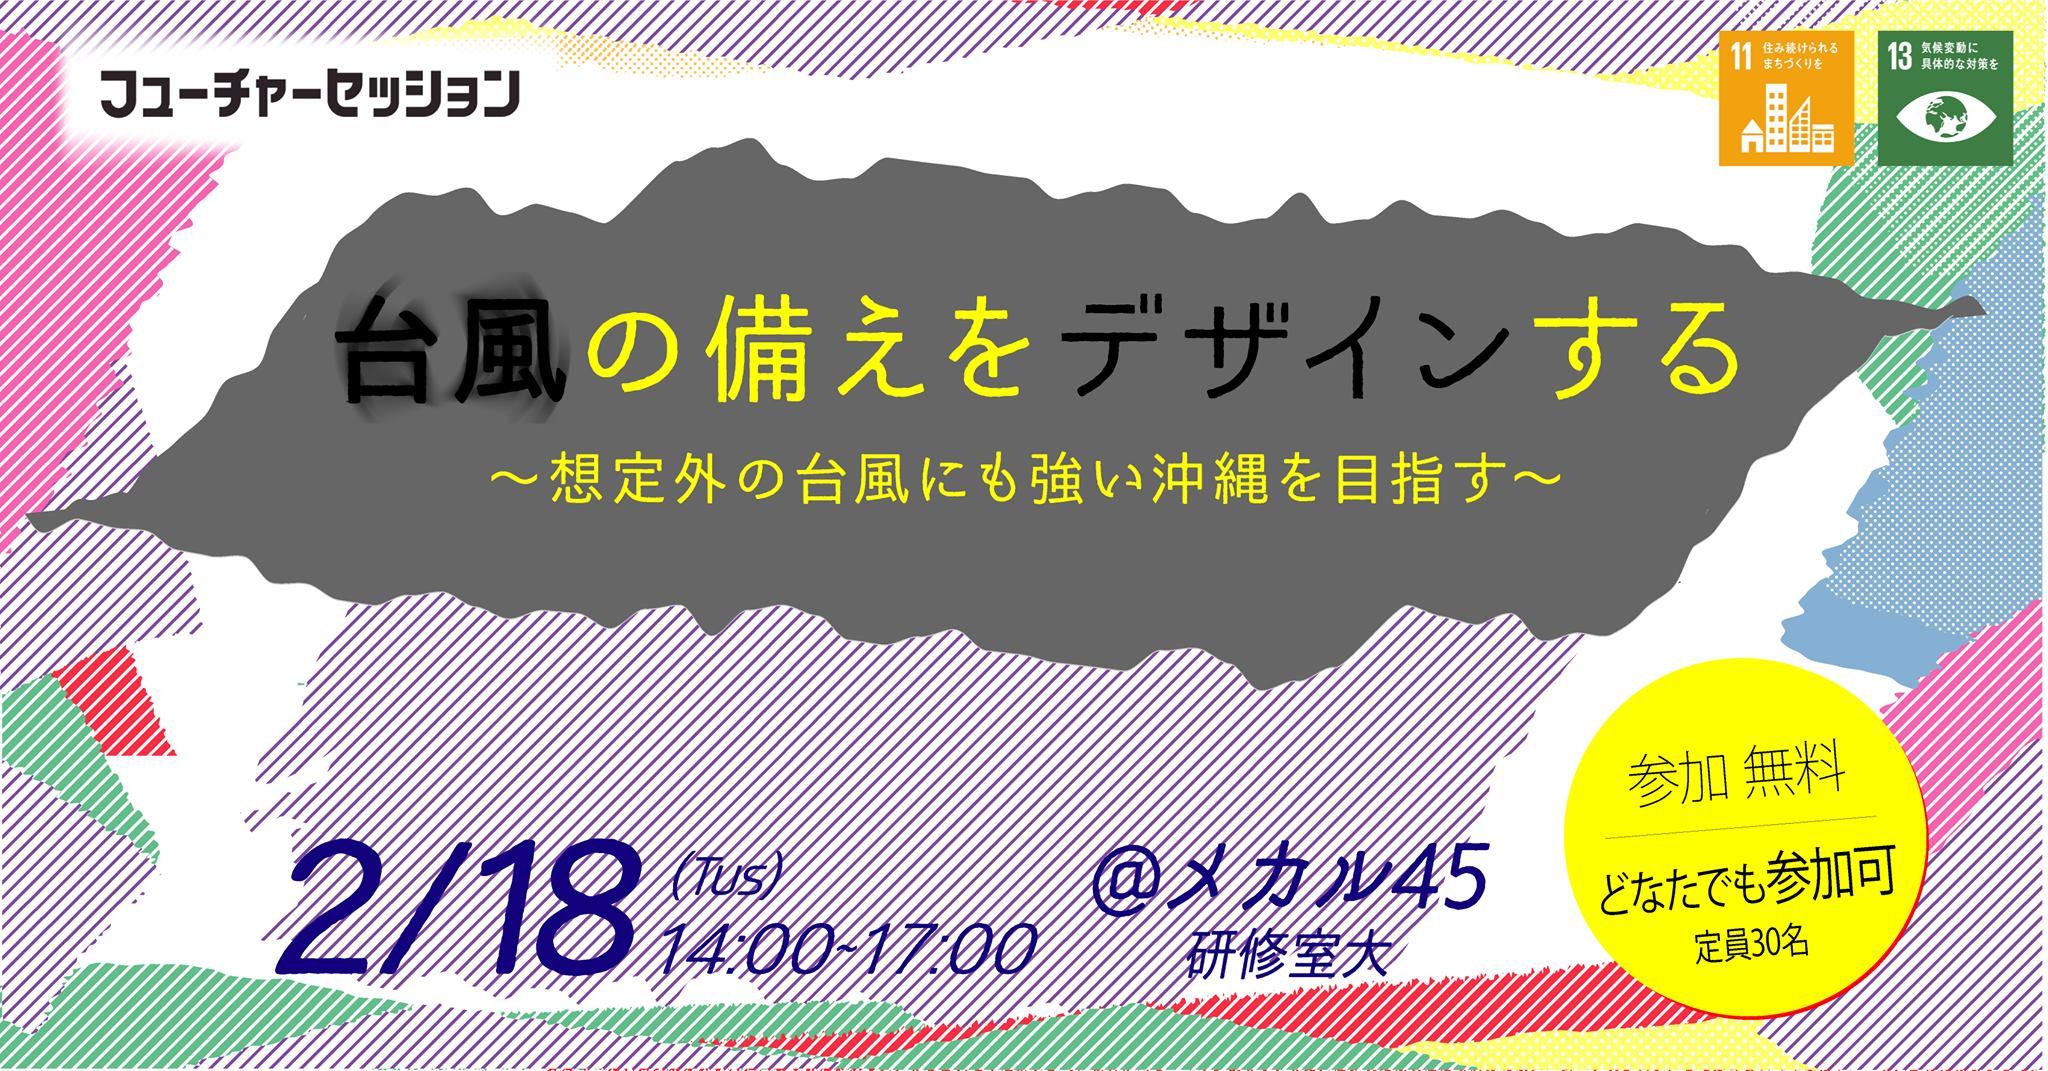 【防災】フューチャーセッション 「台風の備えをデザインする〜想定外の台風にも強い沖縄を目指す〜」